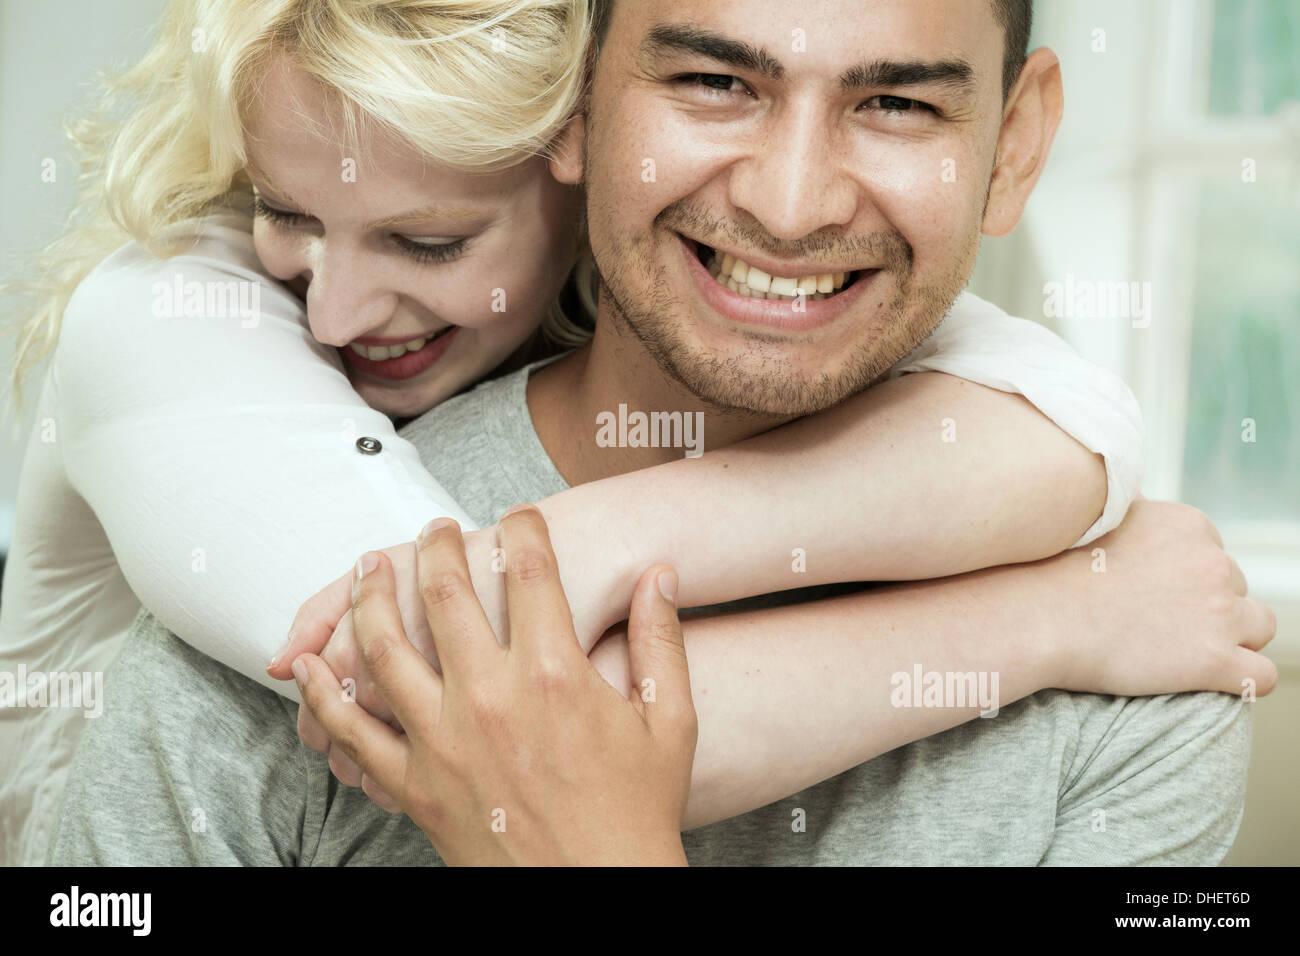 Jovem mulher abraçando namorado Imagens de Stock